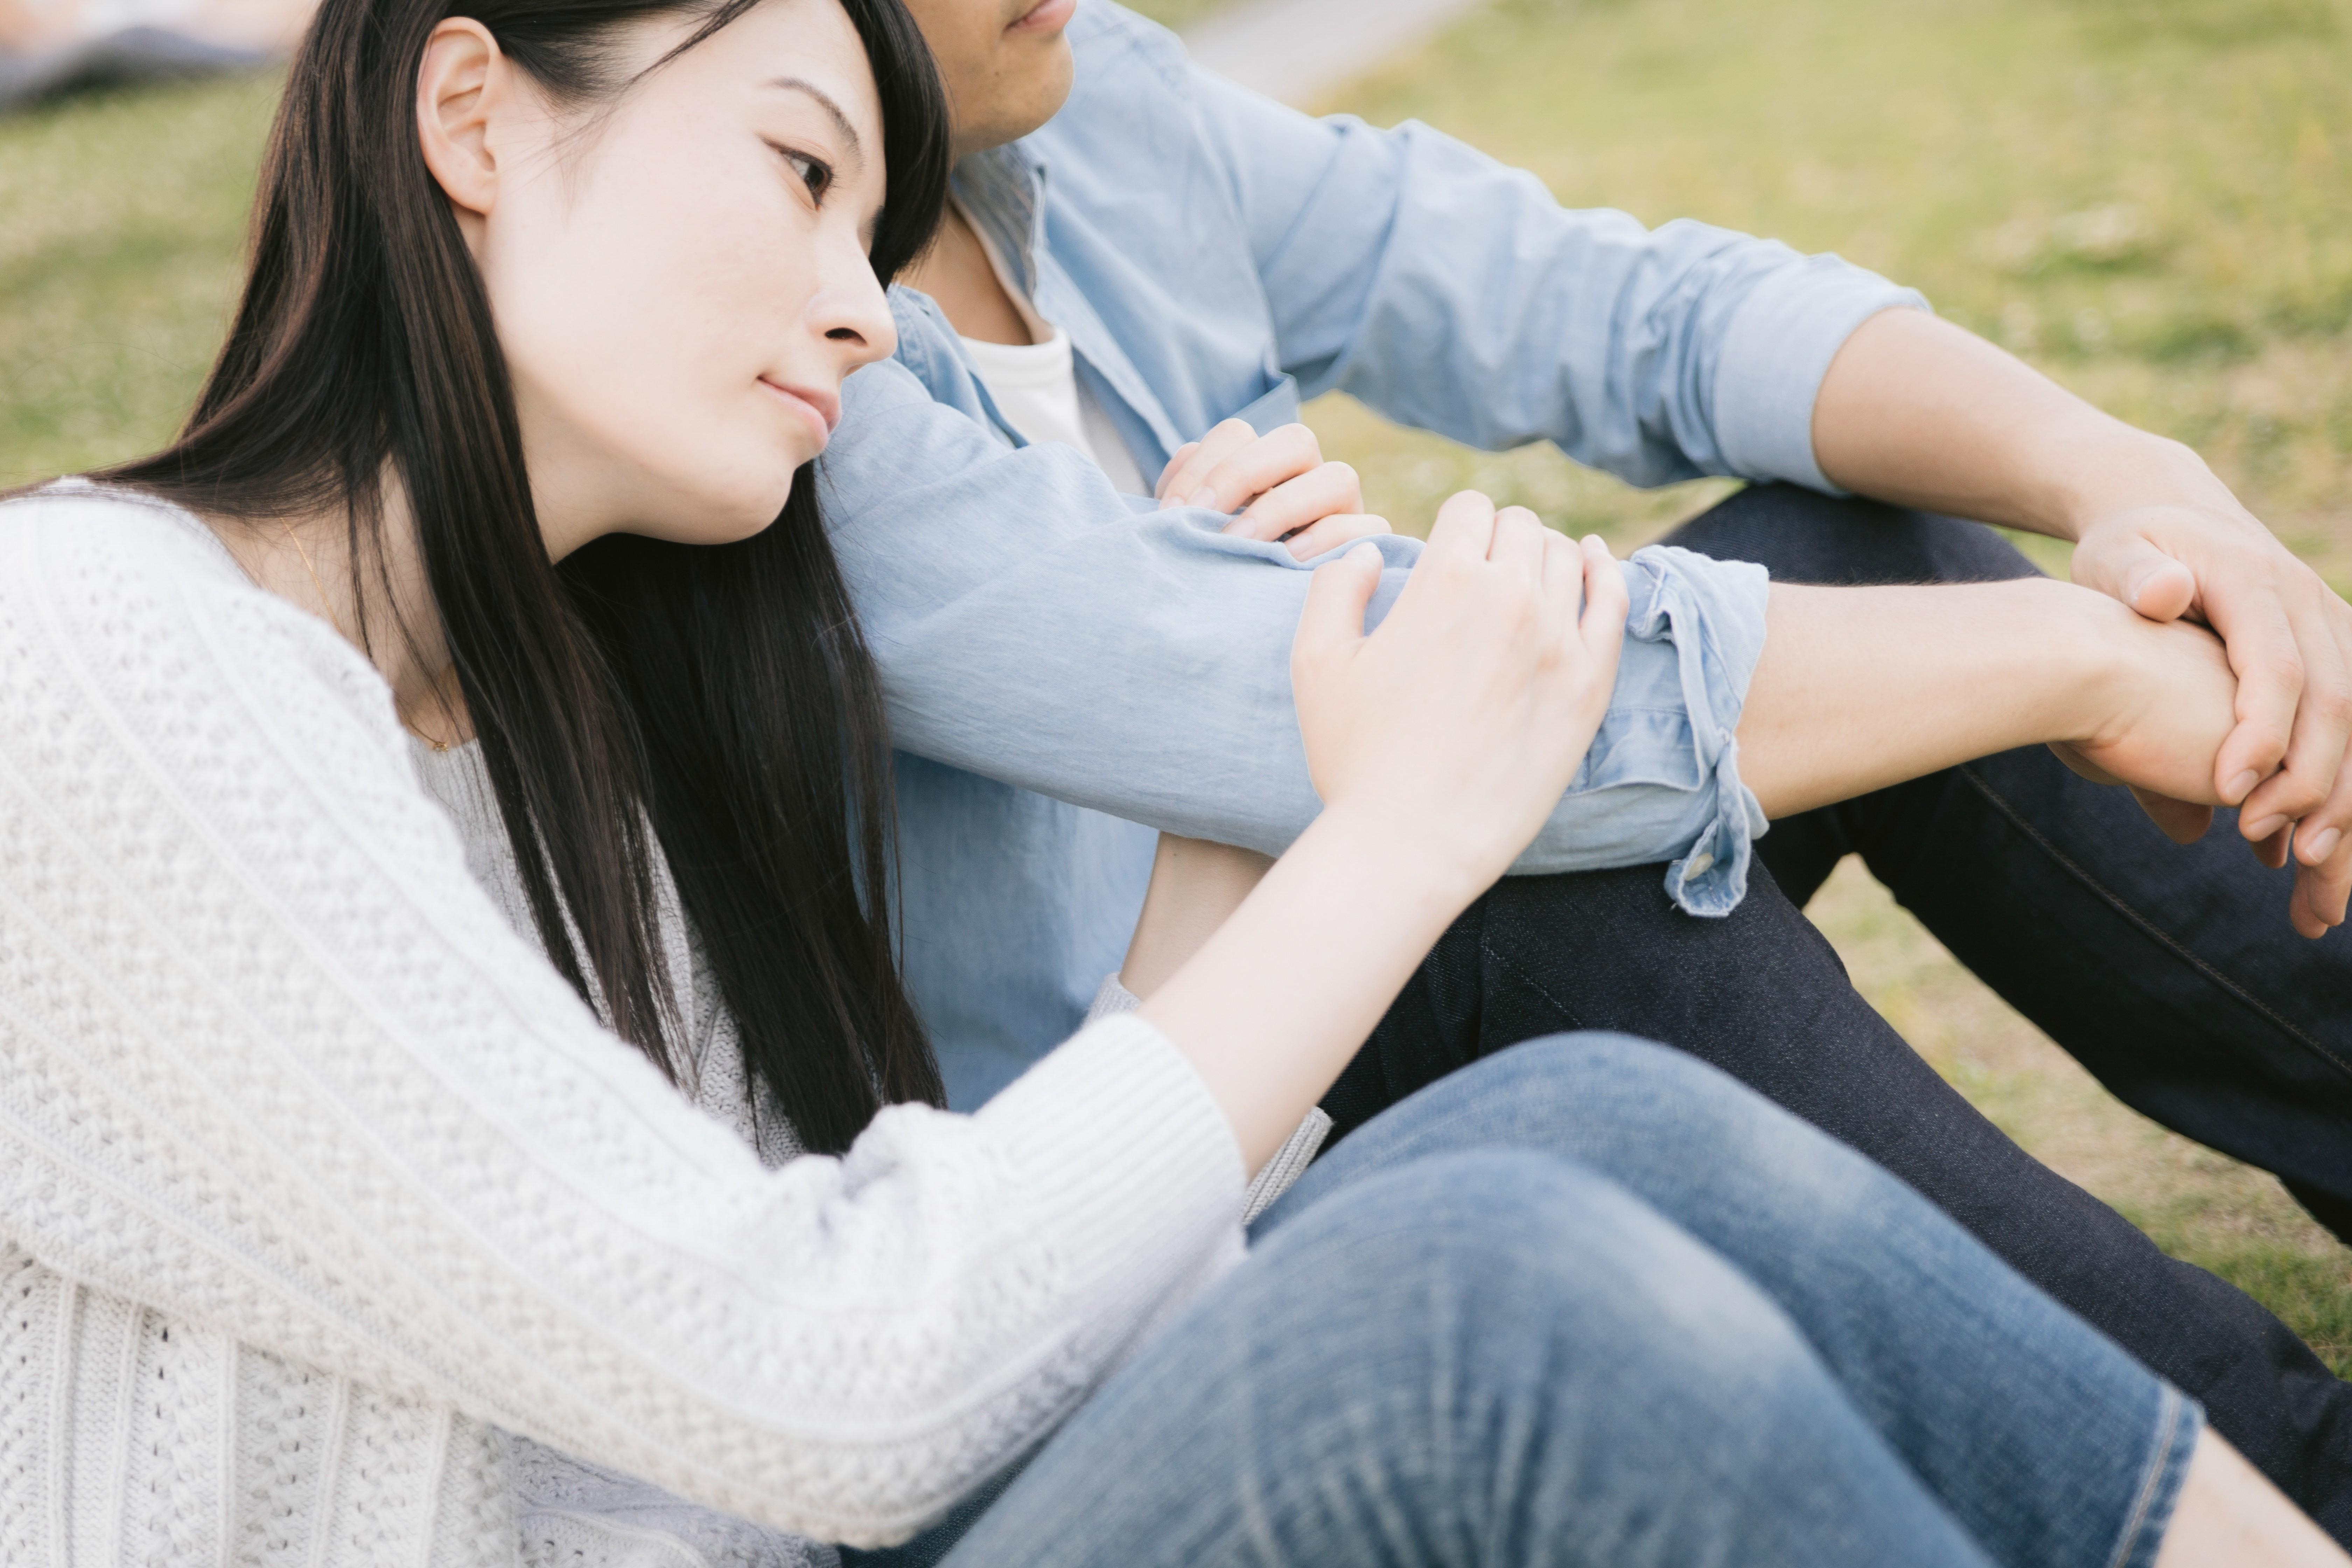 女人出轨会和朋友说吗_老婆发图片朋友说老婆出轨_女朋友出轨了